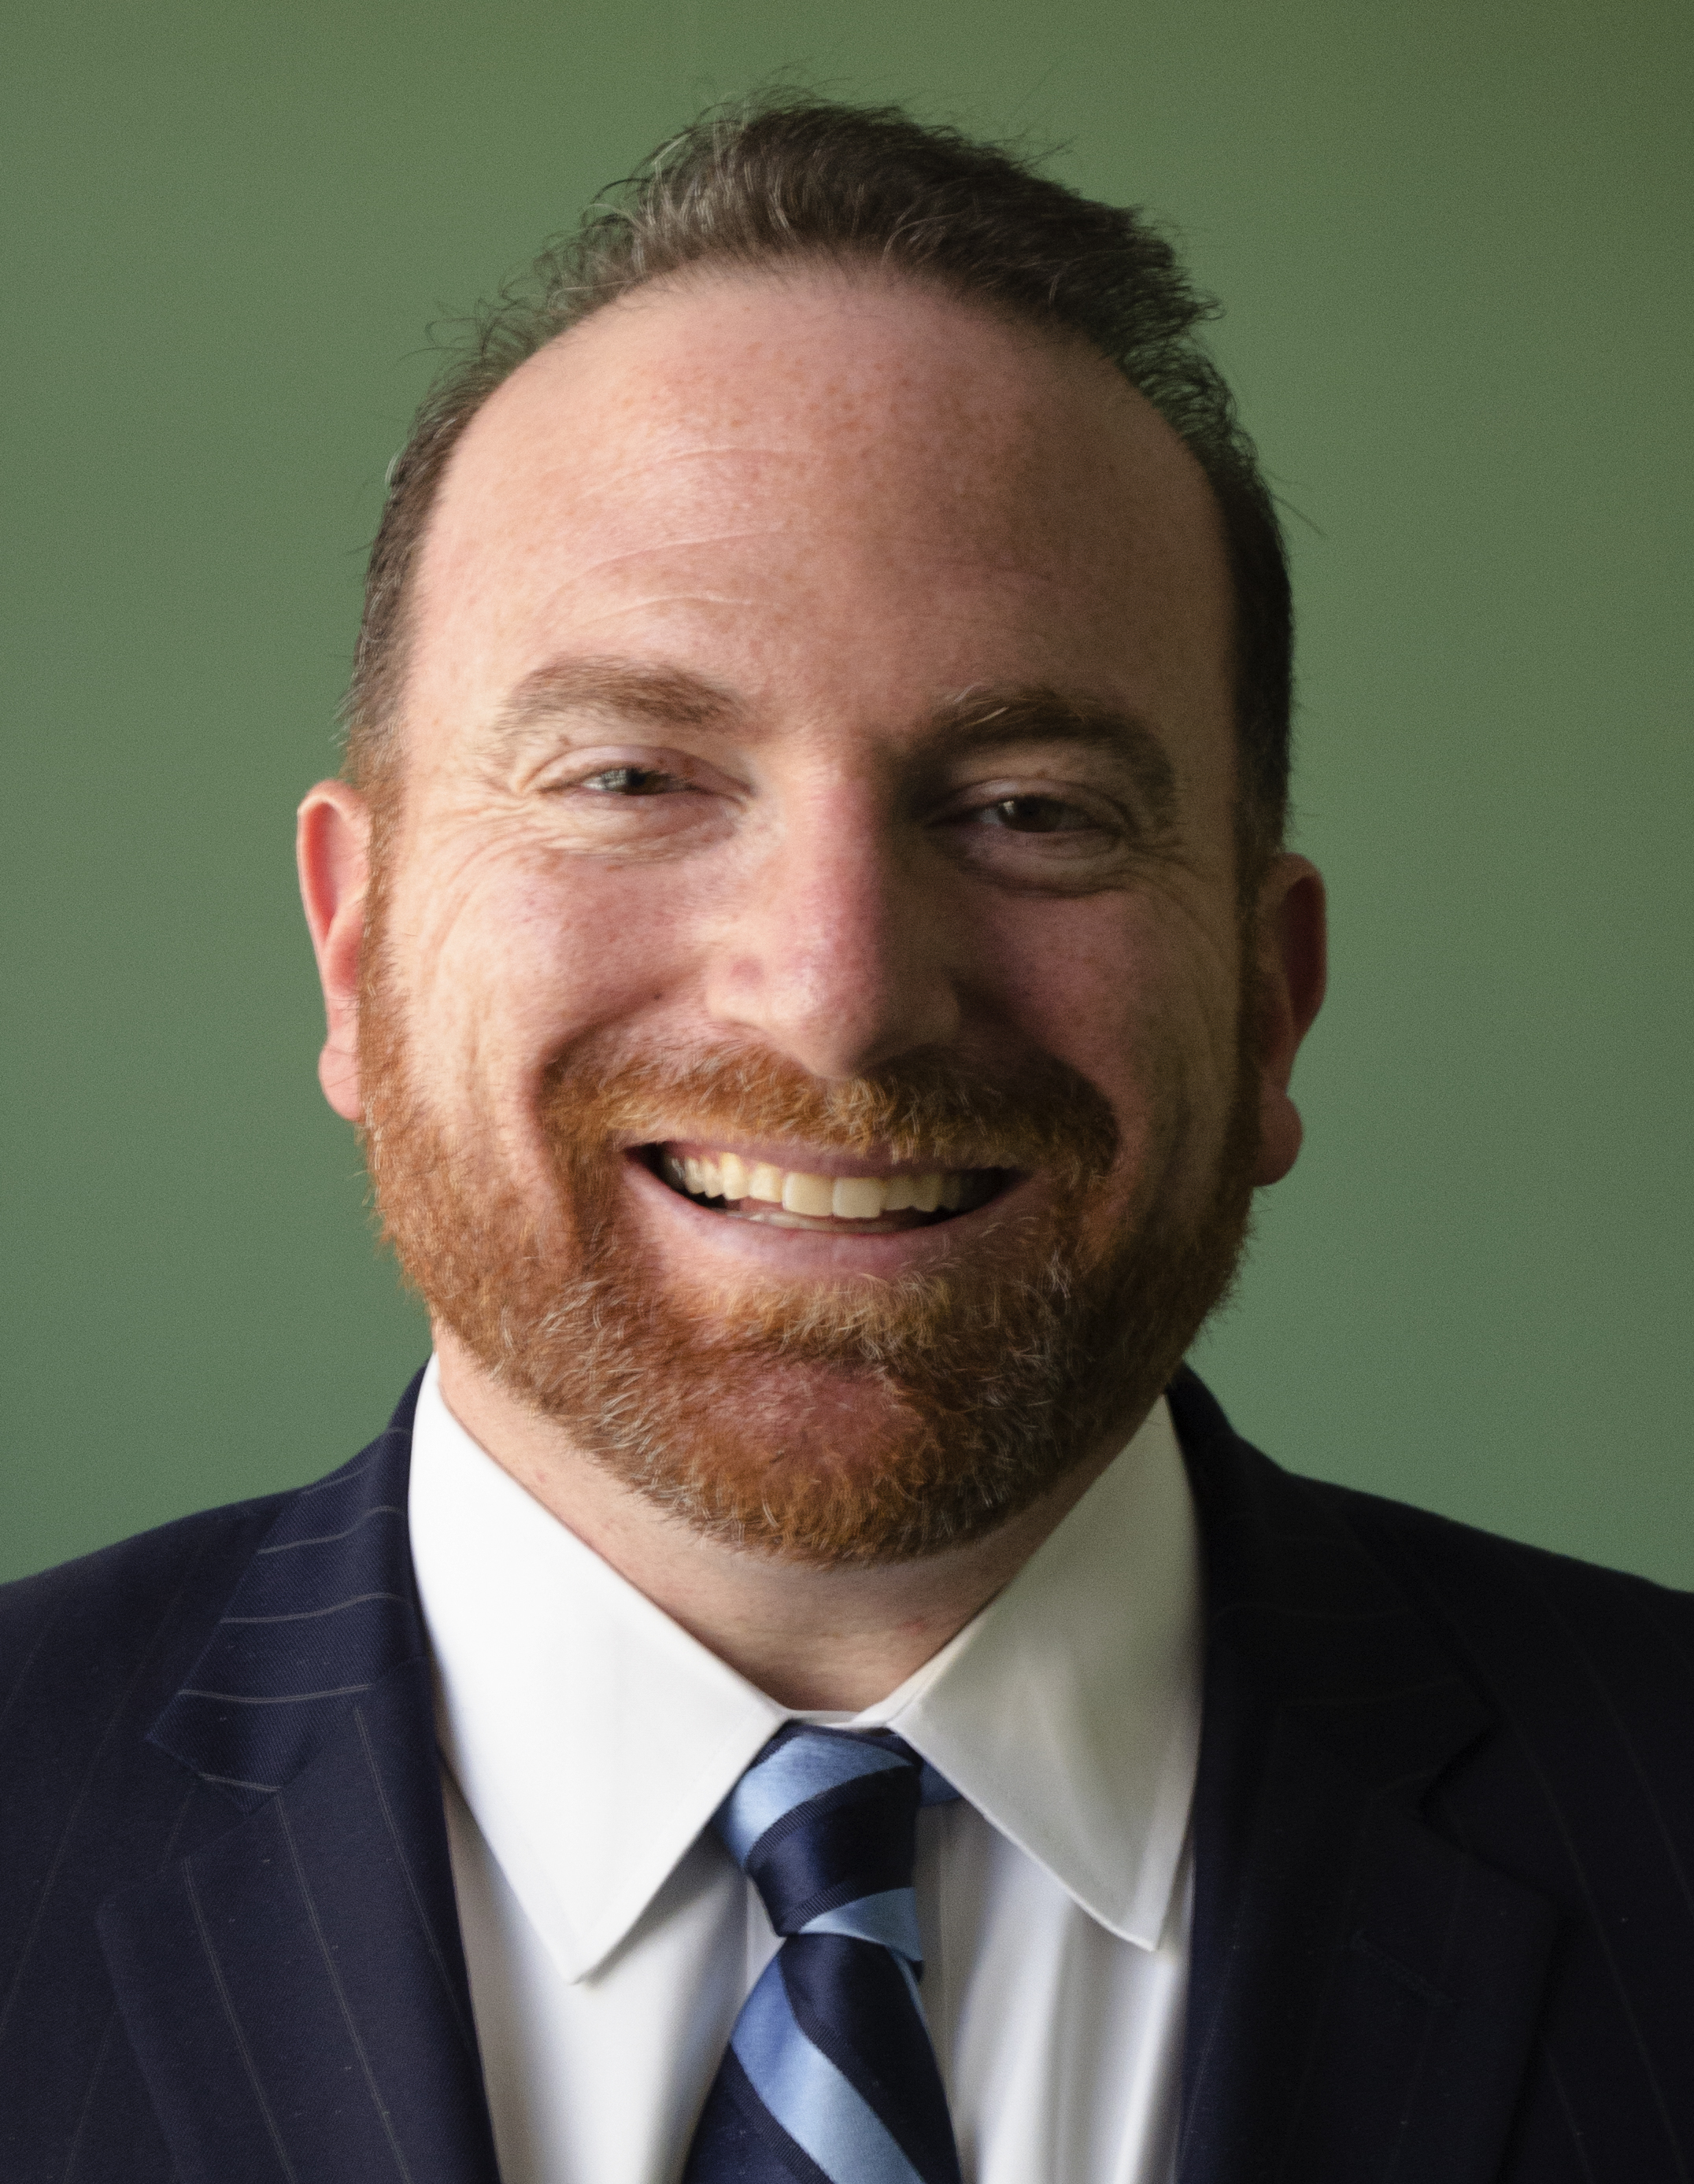 David Kiligerman, Interim General Counsel